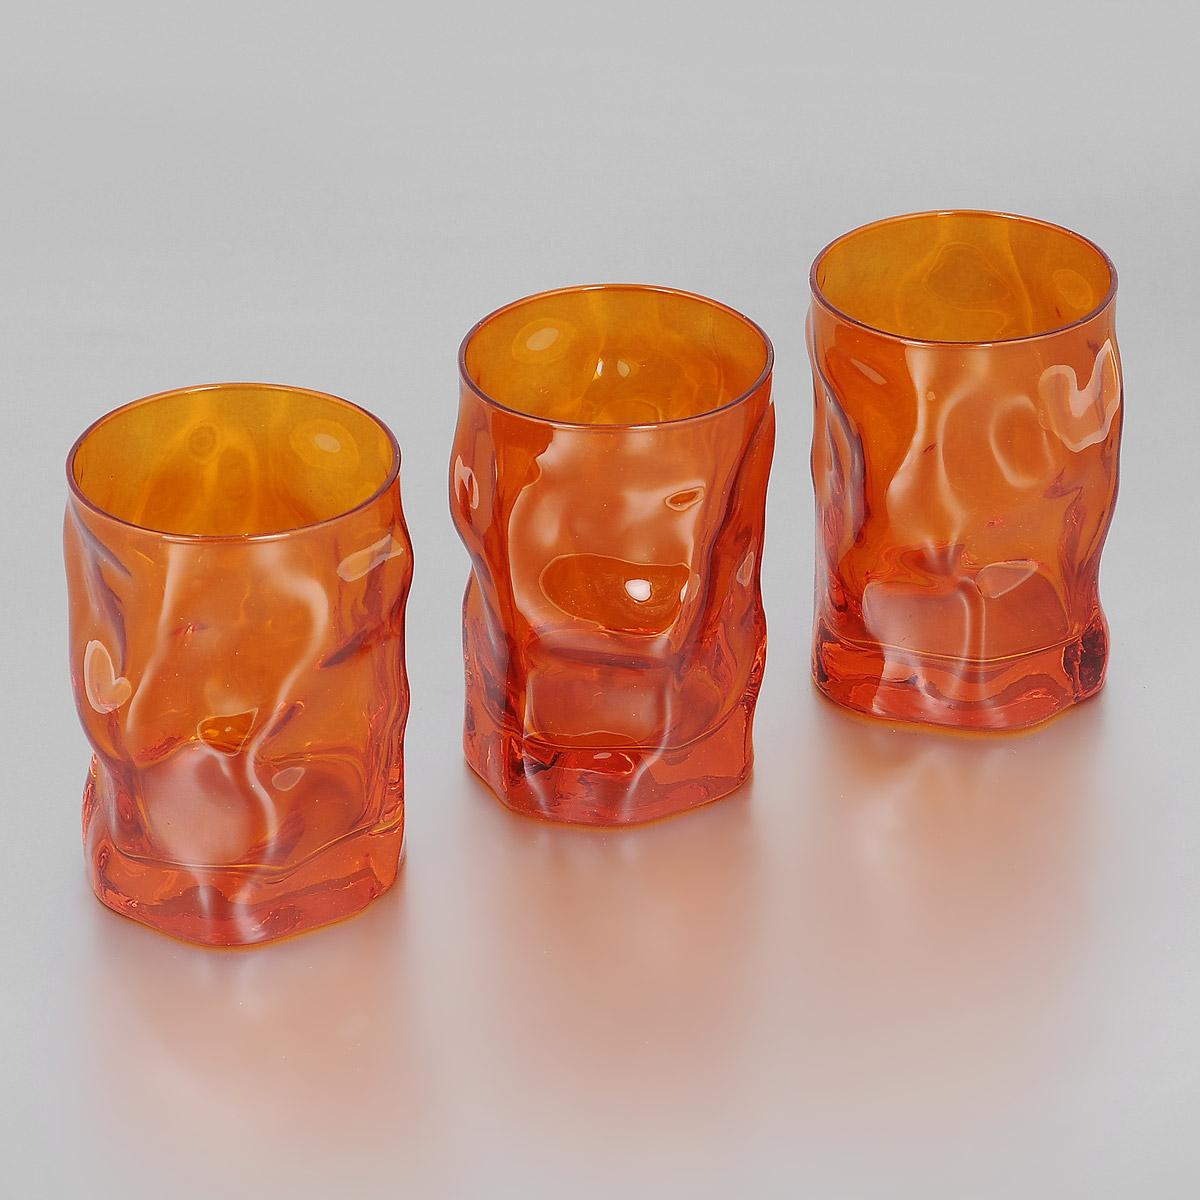 Набор стаканов Bormioli Rocco Sorgente Multicolor, цвет: оранжевый, 300 мл, 3 шт340420Q04021590Набор Bormioli Rocco Sorgente Multicolor, выполненный из стекла, состоит из 3 низких стаканов. Стаканы предназначены для подачи холодных напитков. Изделия имеют оригинальный дизайн и толстое дно. Благодаря такому набору пить напитки будет еще вкуснее. Стаканы Bormioli Rocco Sorgente Multicolor станут идеальным украшением праздничного стола и отличным подарком к любому празднику. С 1825 года компания Bormioli Rocco производит высококачественную посуду из стекла. На сегодняшний день это мировой лидер на рынке производства стеклянных изделий. Ассортимент, предлагаемый Bormioli Rocco необычайно широк - это бокалы, фужеры, рюмки, графины, кувшины, банки для сыпучих продуктов и консервирования, тарелки, салатники, чашки, контейнеры различных емкостей, предназначенные для хранения продуктов в холодильниках и морозильных камерах и т.д. Стекло сочетает в себе передовые технологии и традиционно высокое качество.